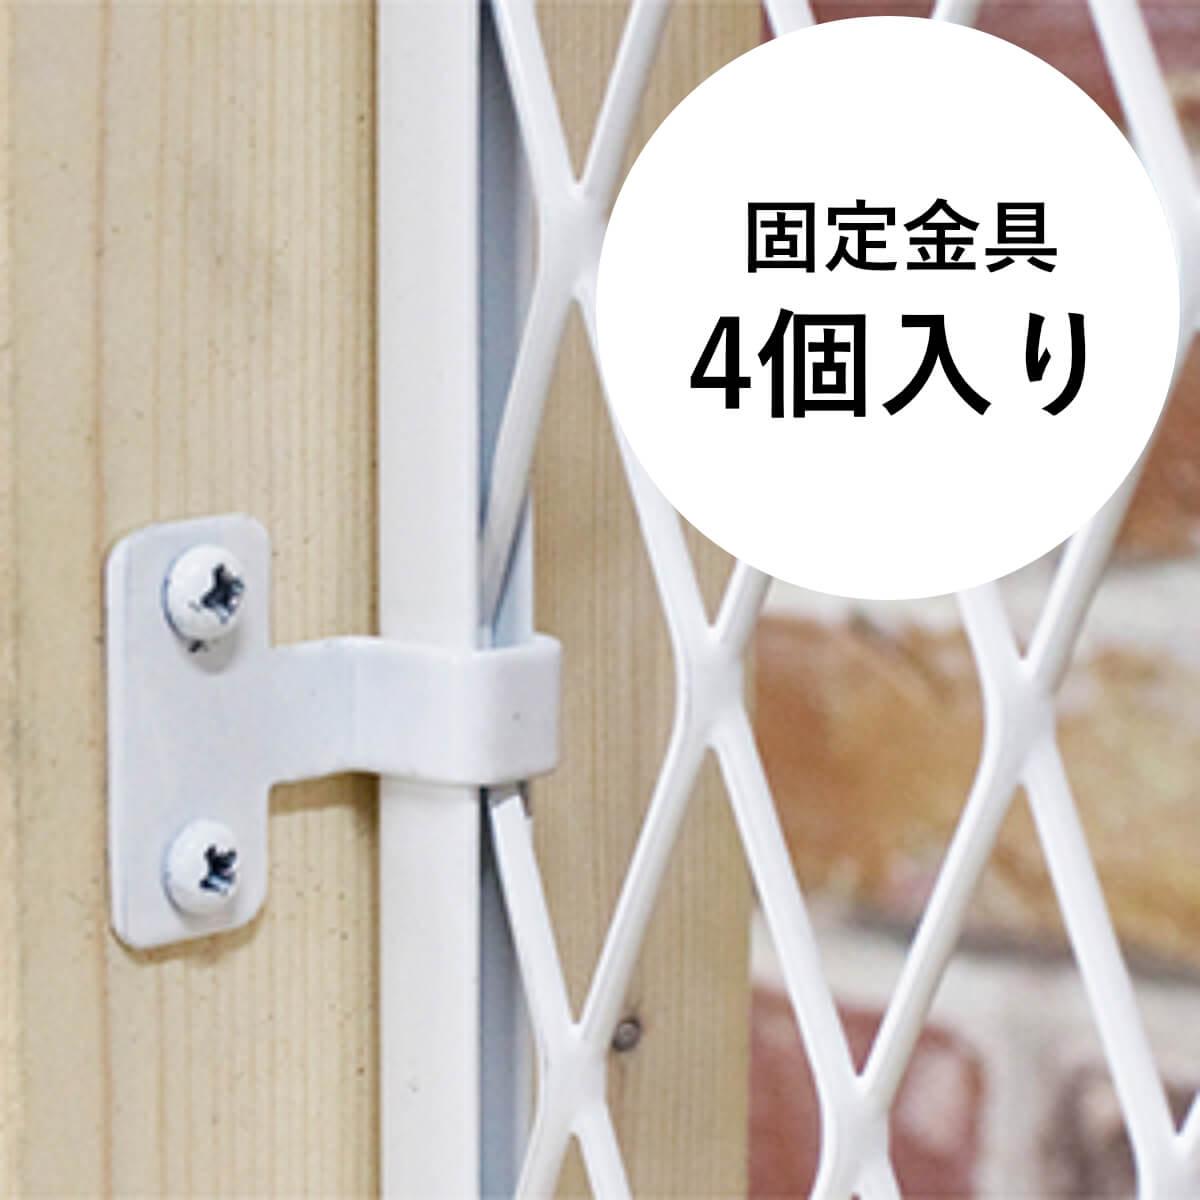 パネル固定金具 木材用 Lacety(ラスティー)専用 白 1セット